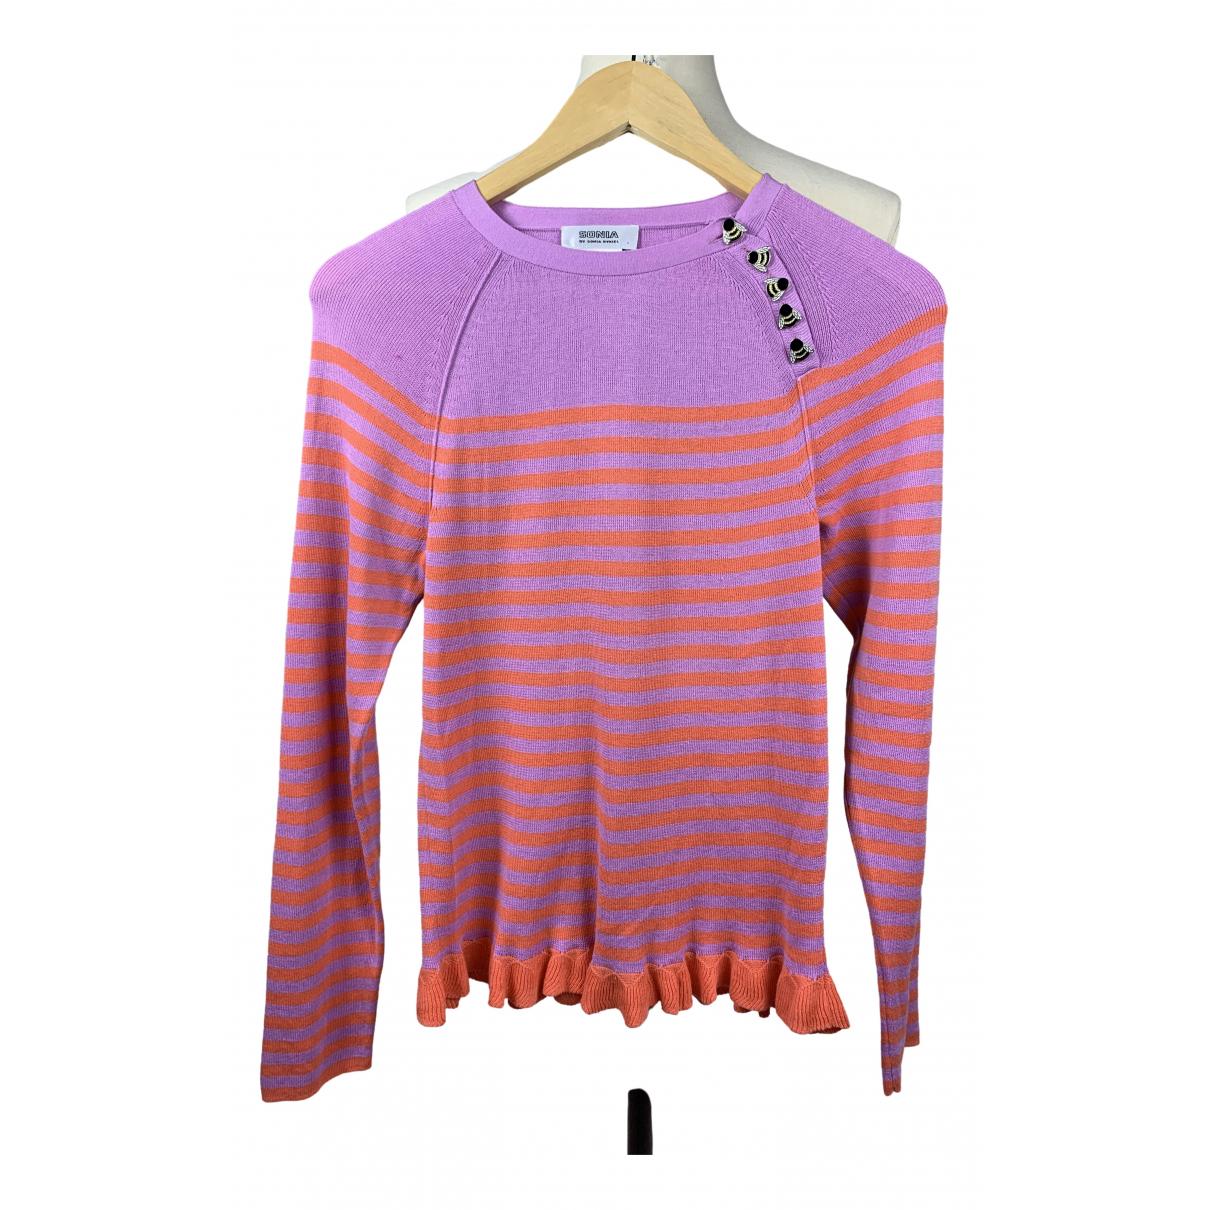 Sonia By Sonia Rykiel \N Pink Cotton Knitwear for Women L International